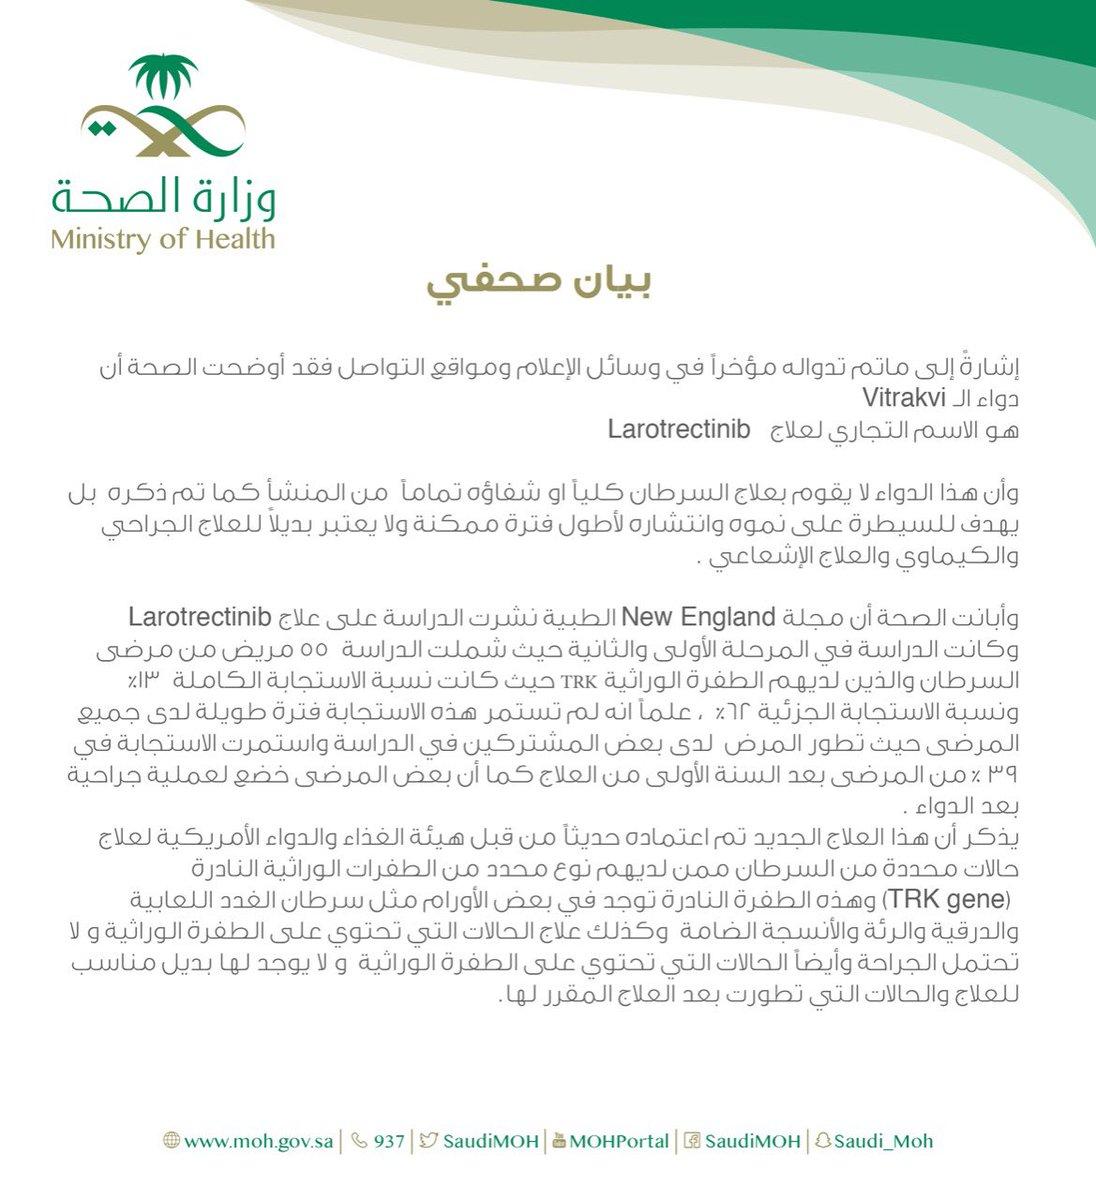 بيان وزارة الصحة السعودية